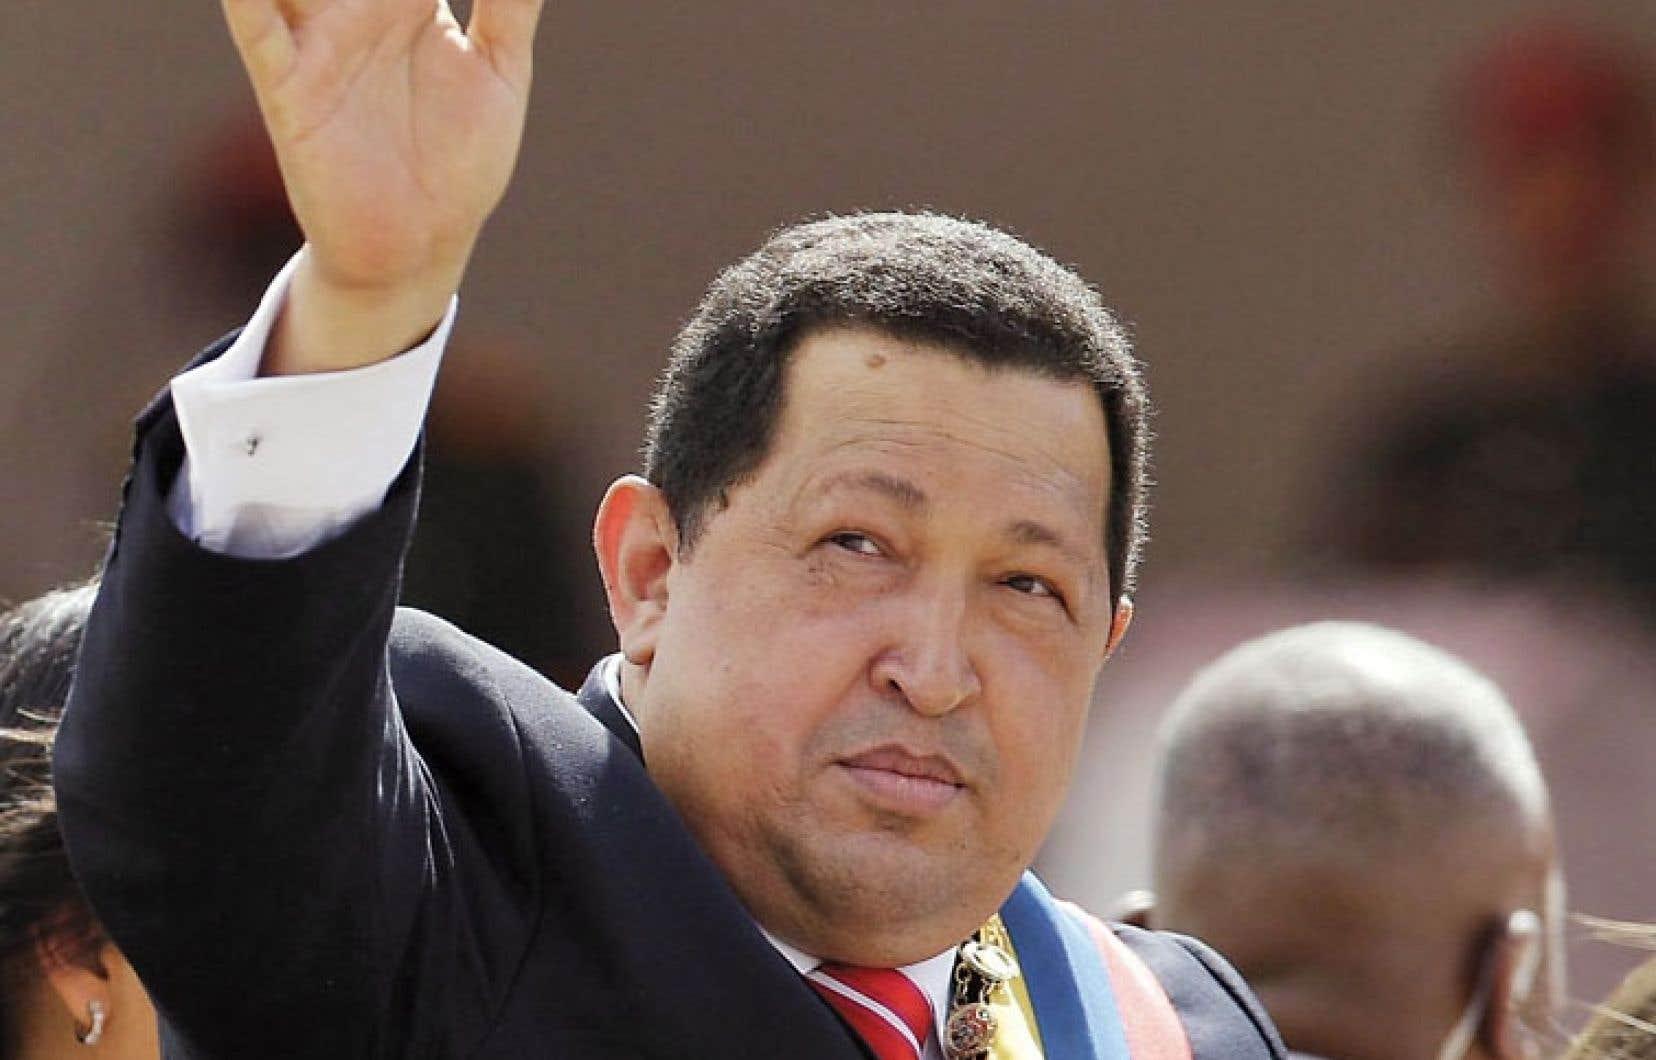 Le président vénézuélien Hugo Chávez saluant la foule lors de la célébration de l'anniversaire de l'indépendance, en juillet dernier, à Caracas. Le grand leader de la gauche latino-américaine s'est éteint mardi à 58 ans.